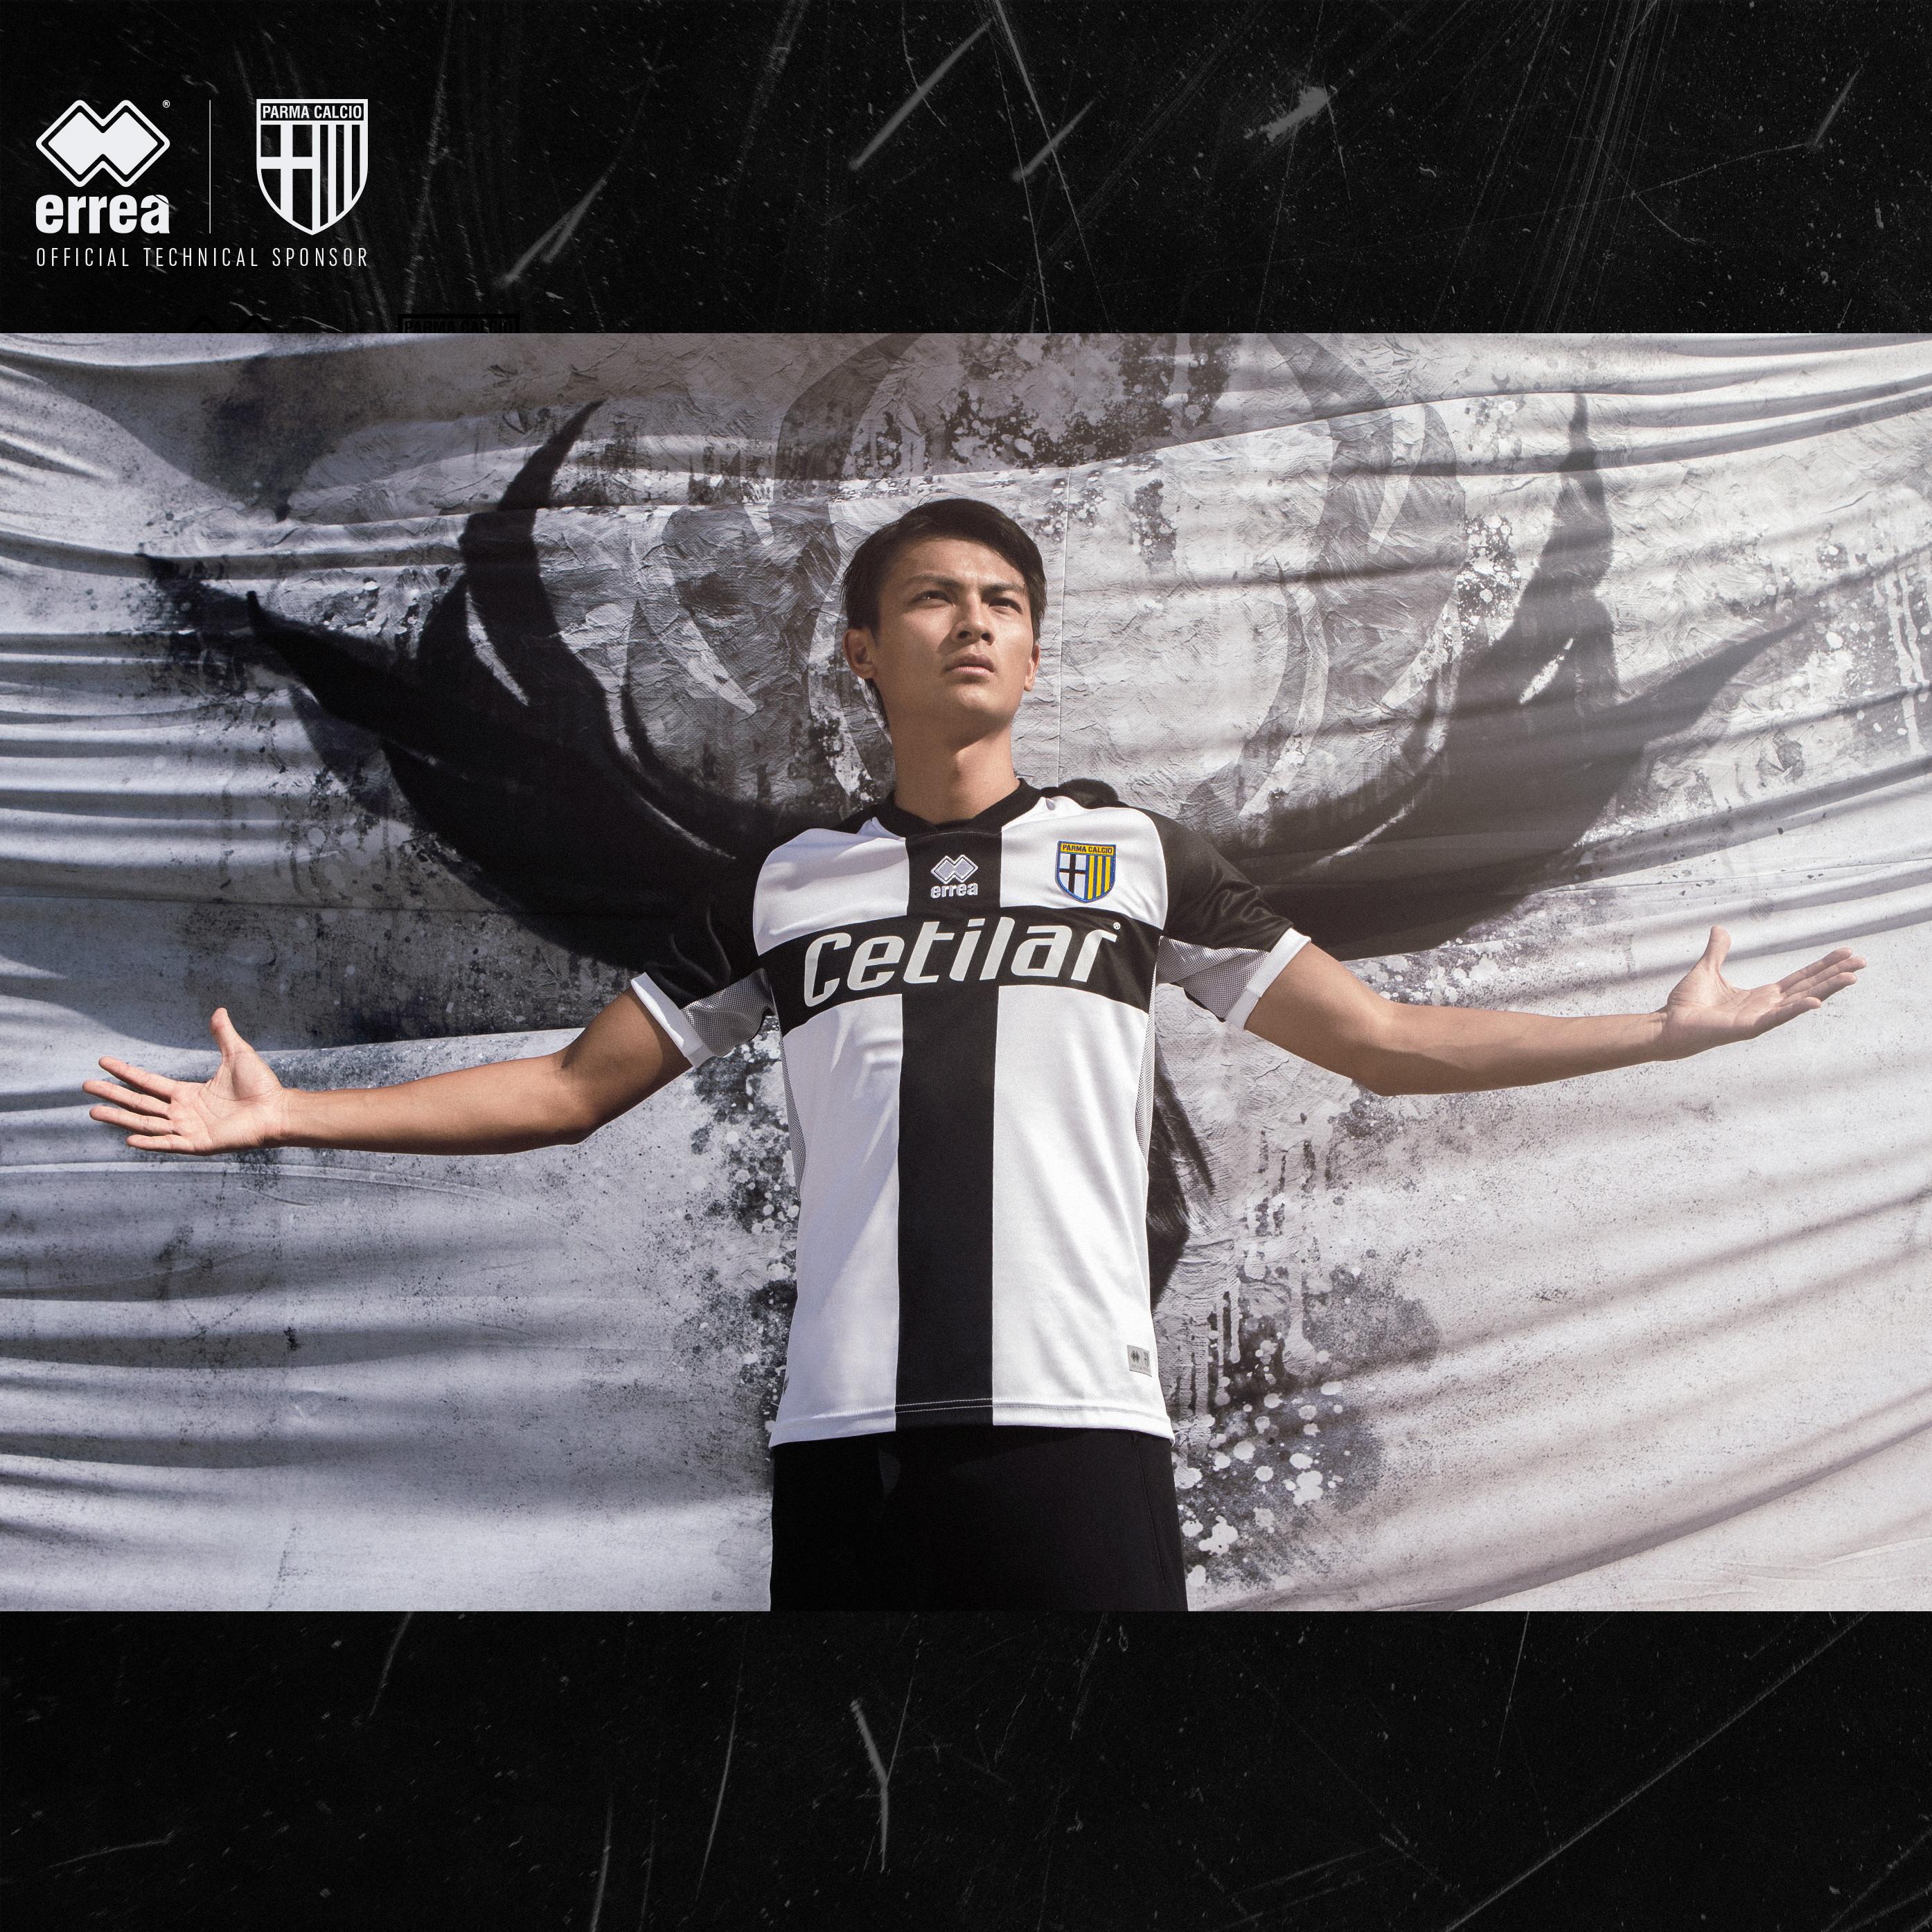 &nbsp;Erre&agrave; ha presentato&nbsp;la nuova divisa home 2020-2021 del Parma Calcio 1913: le ali nere della Fenice per continuare a volare!<br /><br />